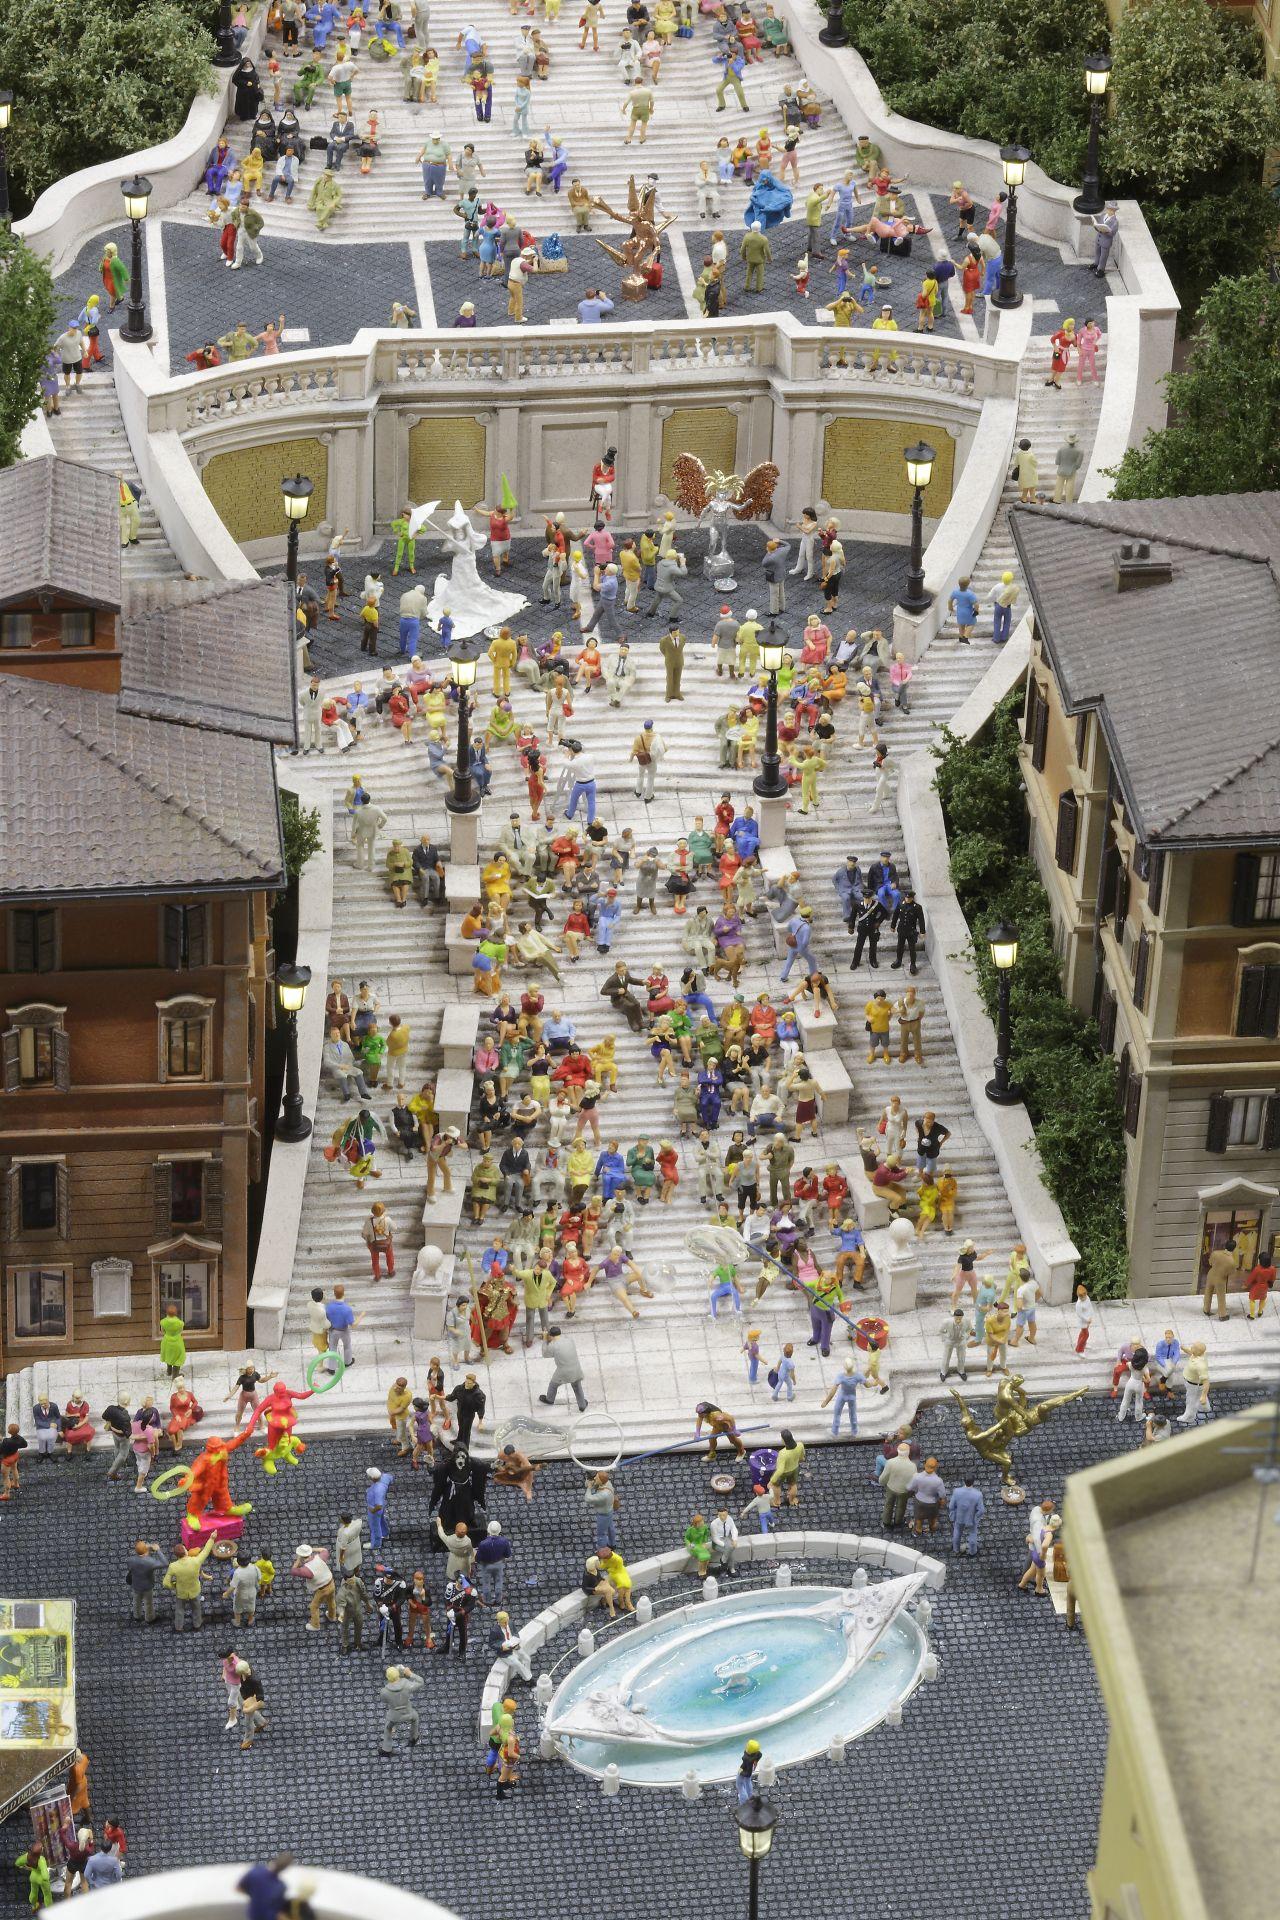 miniatur wunderland hamburg, olaszország, róma, spanyol lépcső